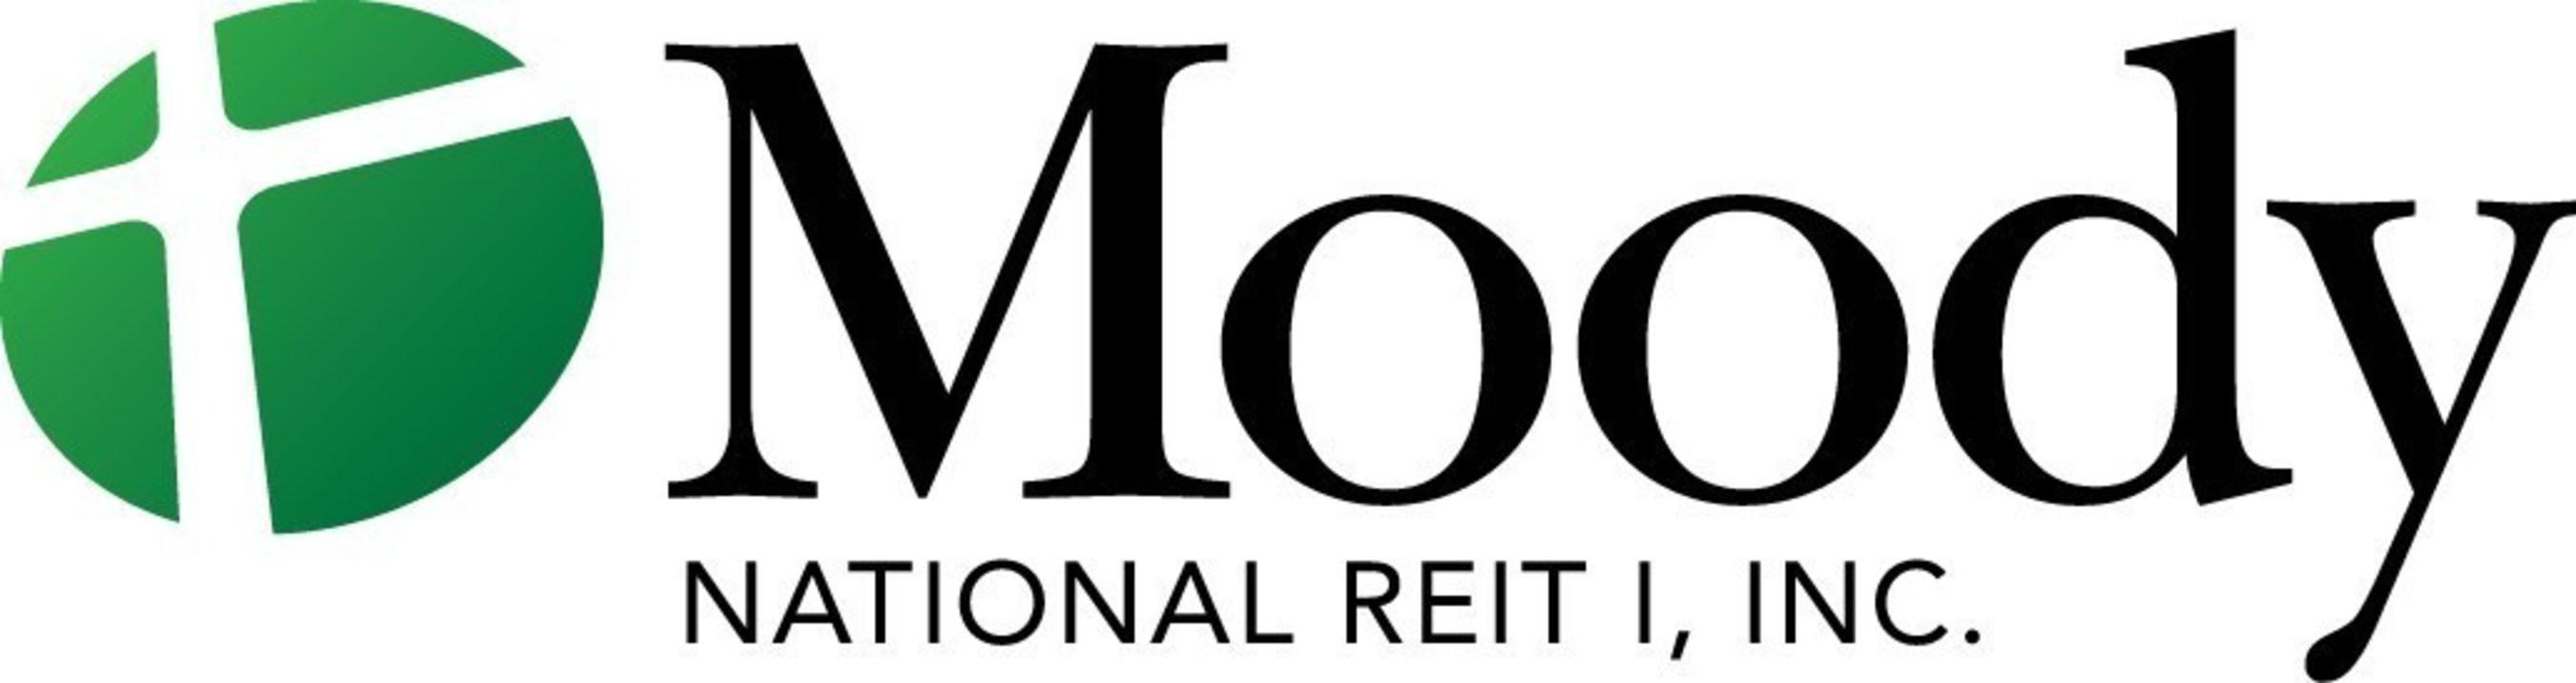 Moody National REIT I, Inc. (PRNewsFoto/Moody National REIT I, Inc.)